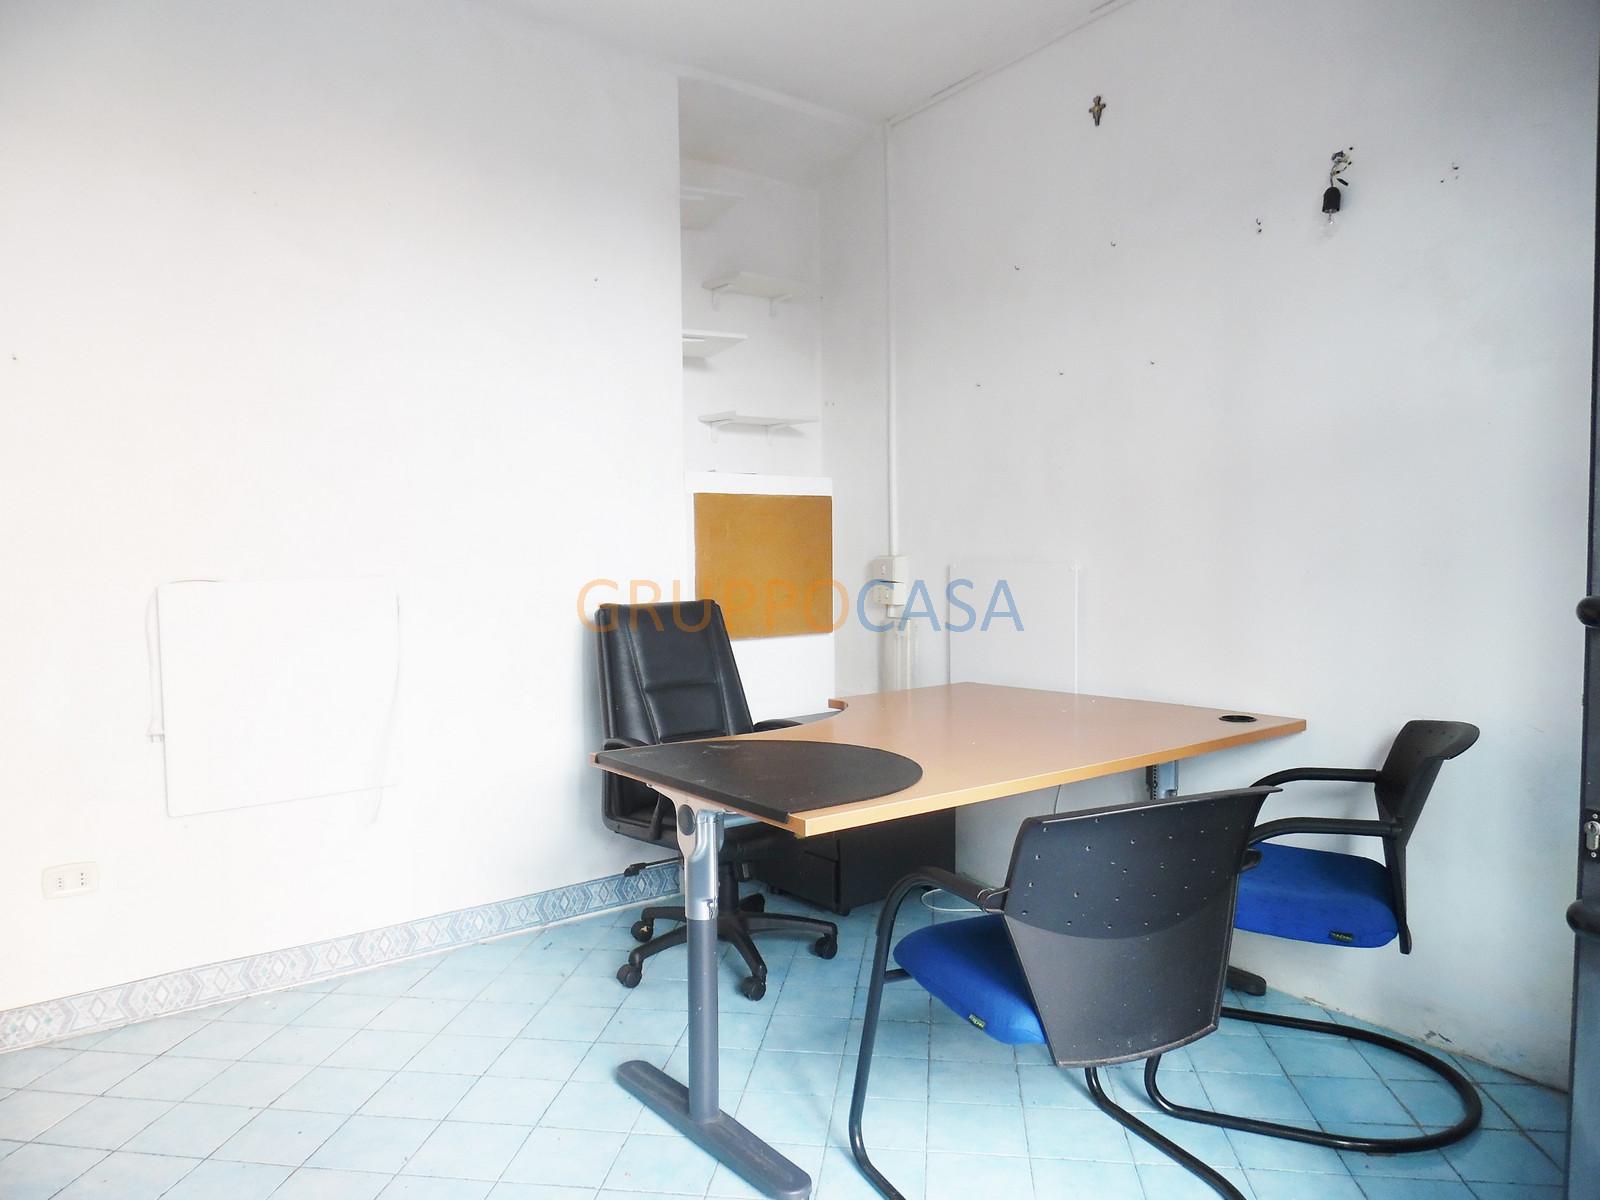 Ufficio / Studio in affitto a Altopascio, 9999 locali, zona Località: Centro, prezzo € 150 | Cambio Casa.it